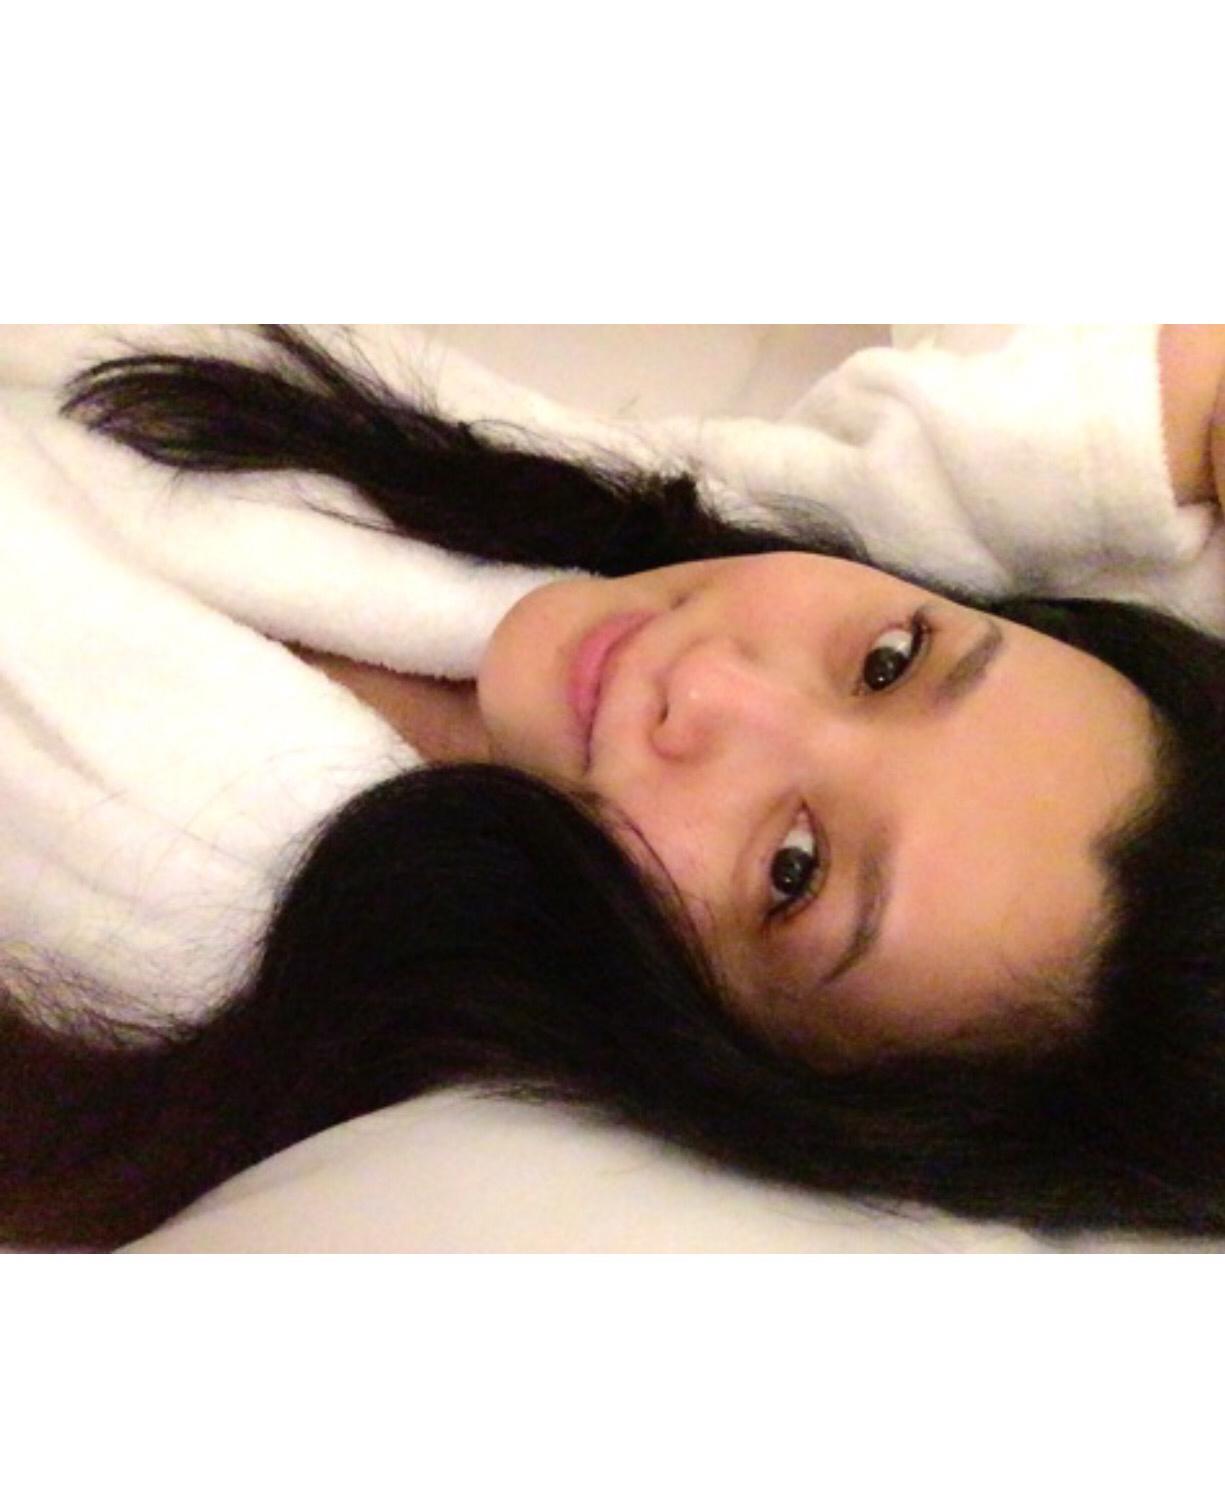 藤原紀香 (45)おっぱいの谷間&お風呂上がりのすっぴん公開に称賛の声のサムネイル画像